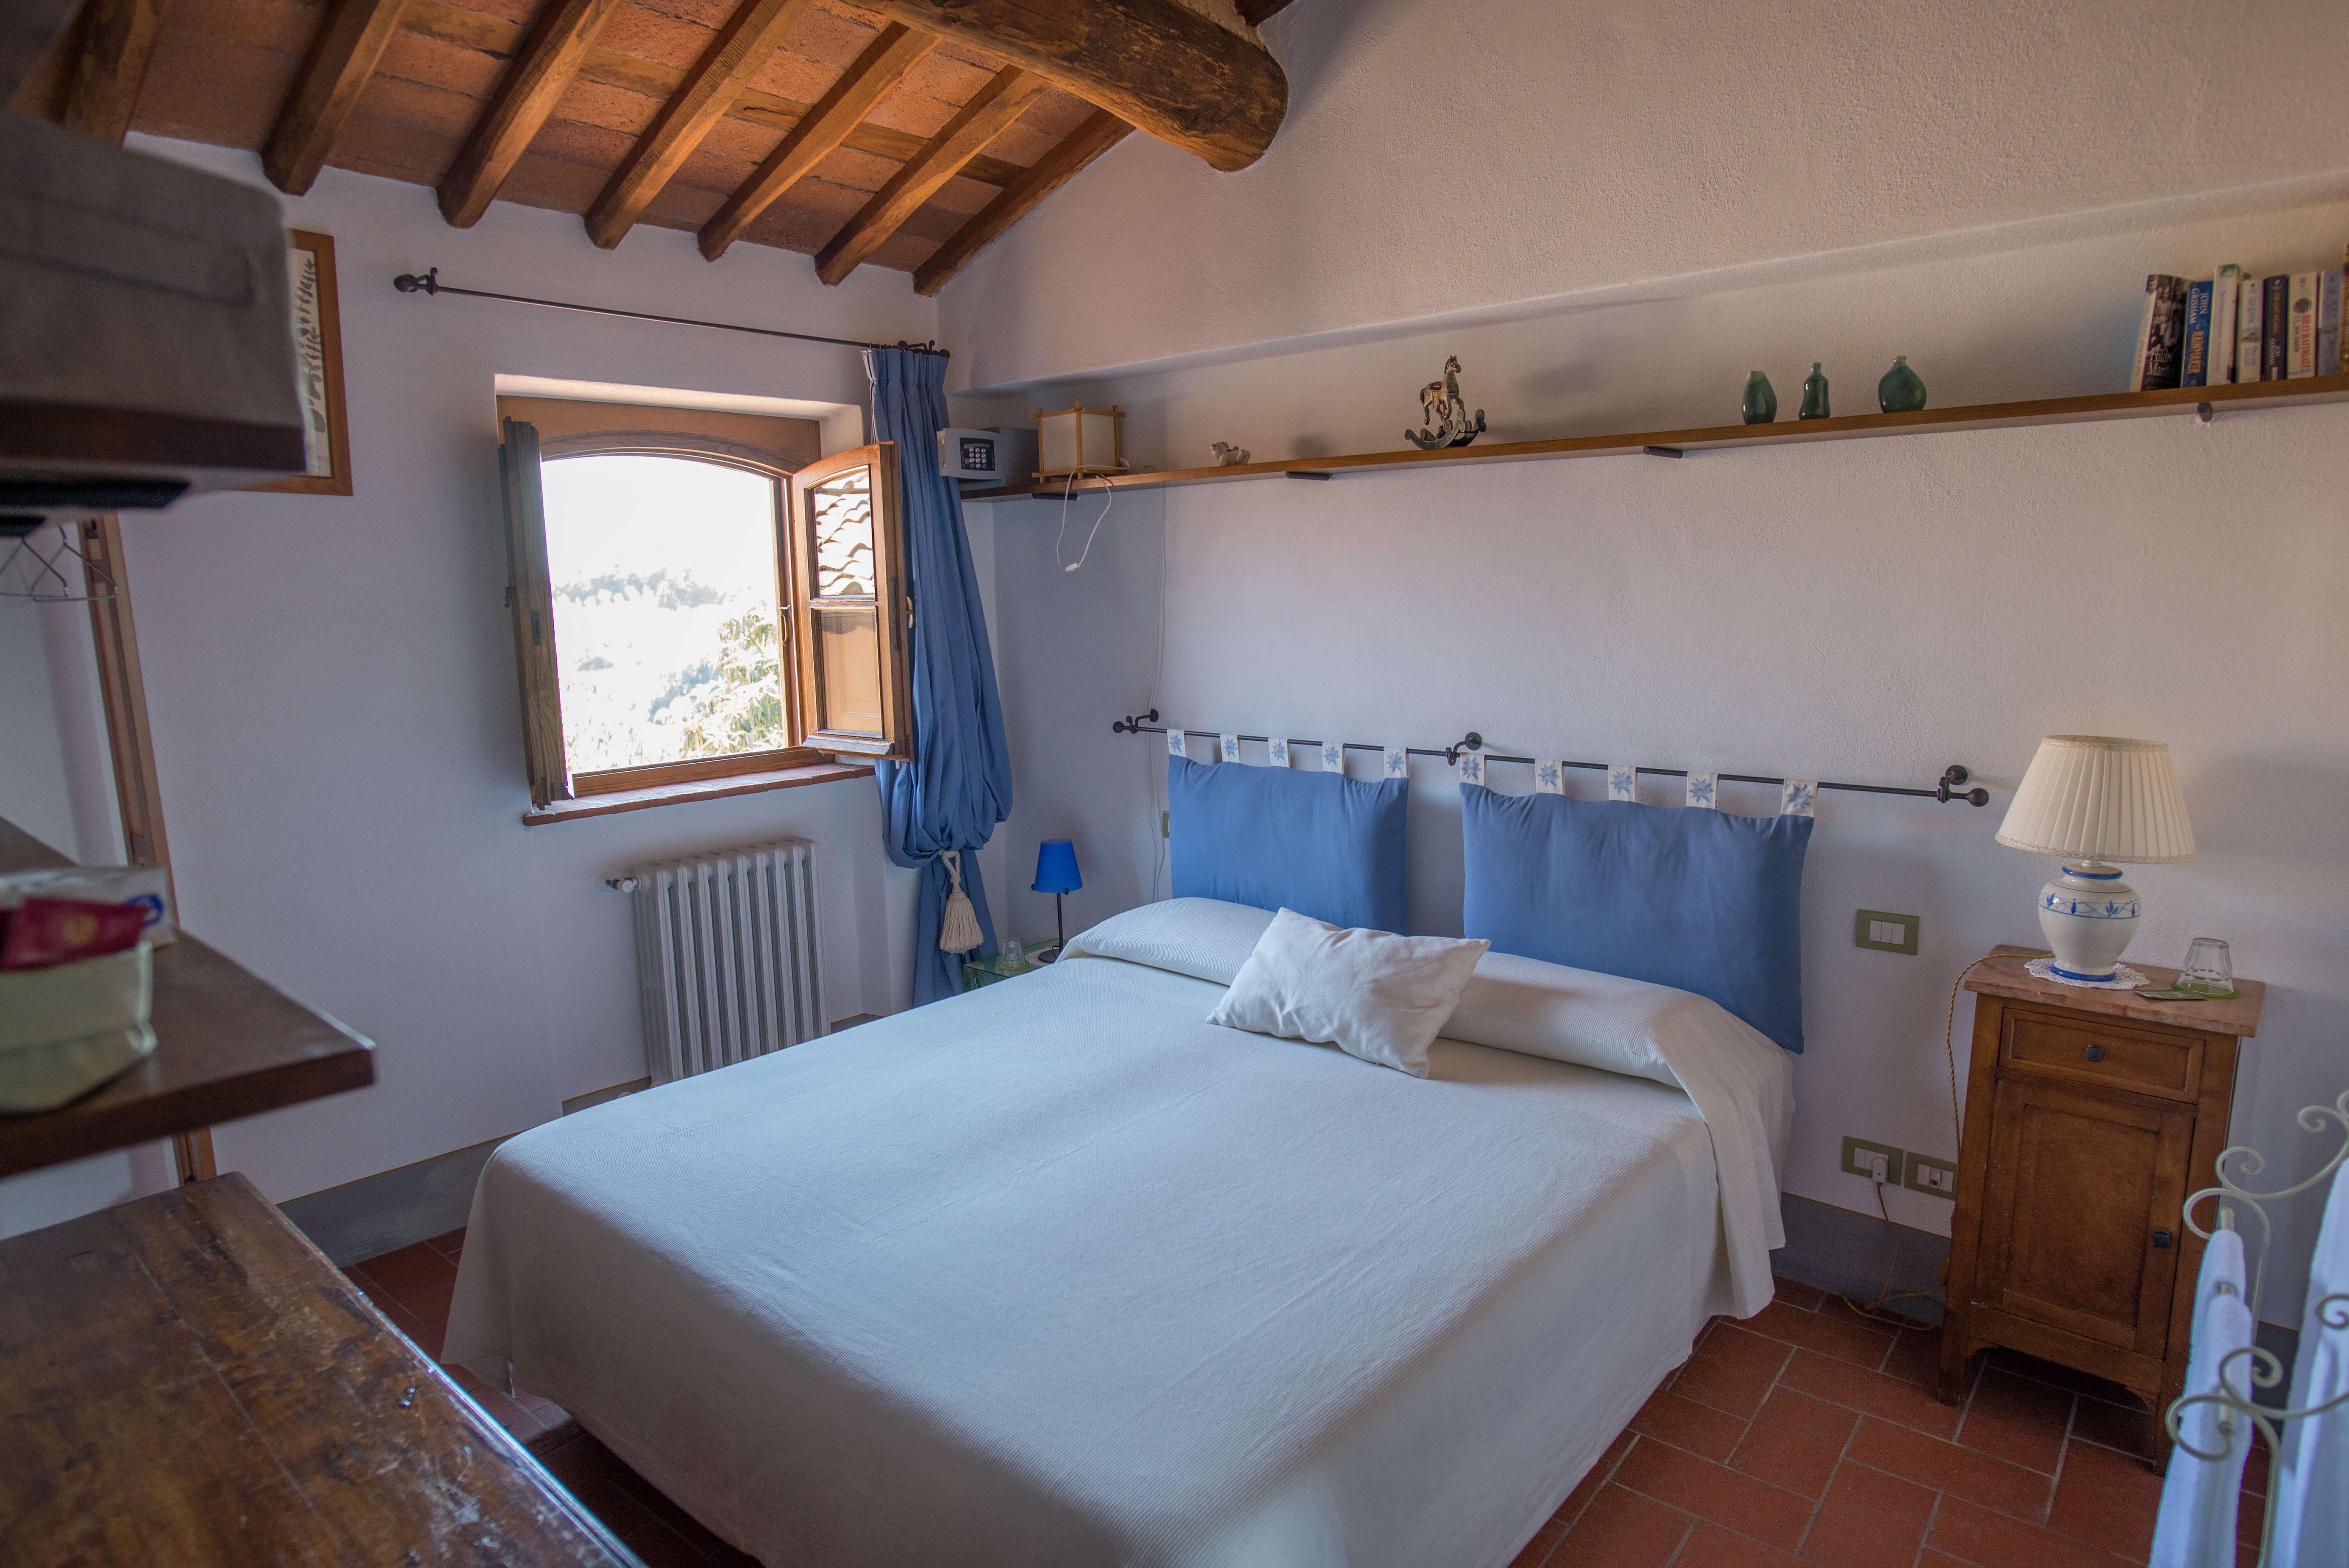 Il Borghino Retreat Centre - twin bed or double room in the house called Il Melograno - Azzurra. Yoga Retreat Italy